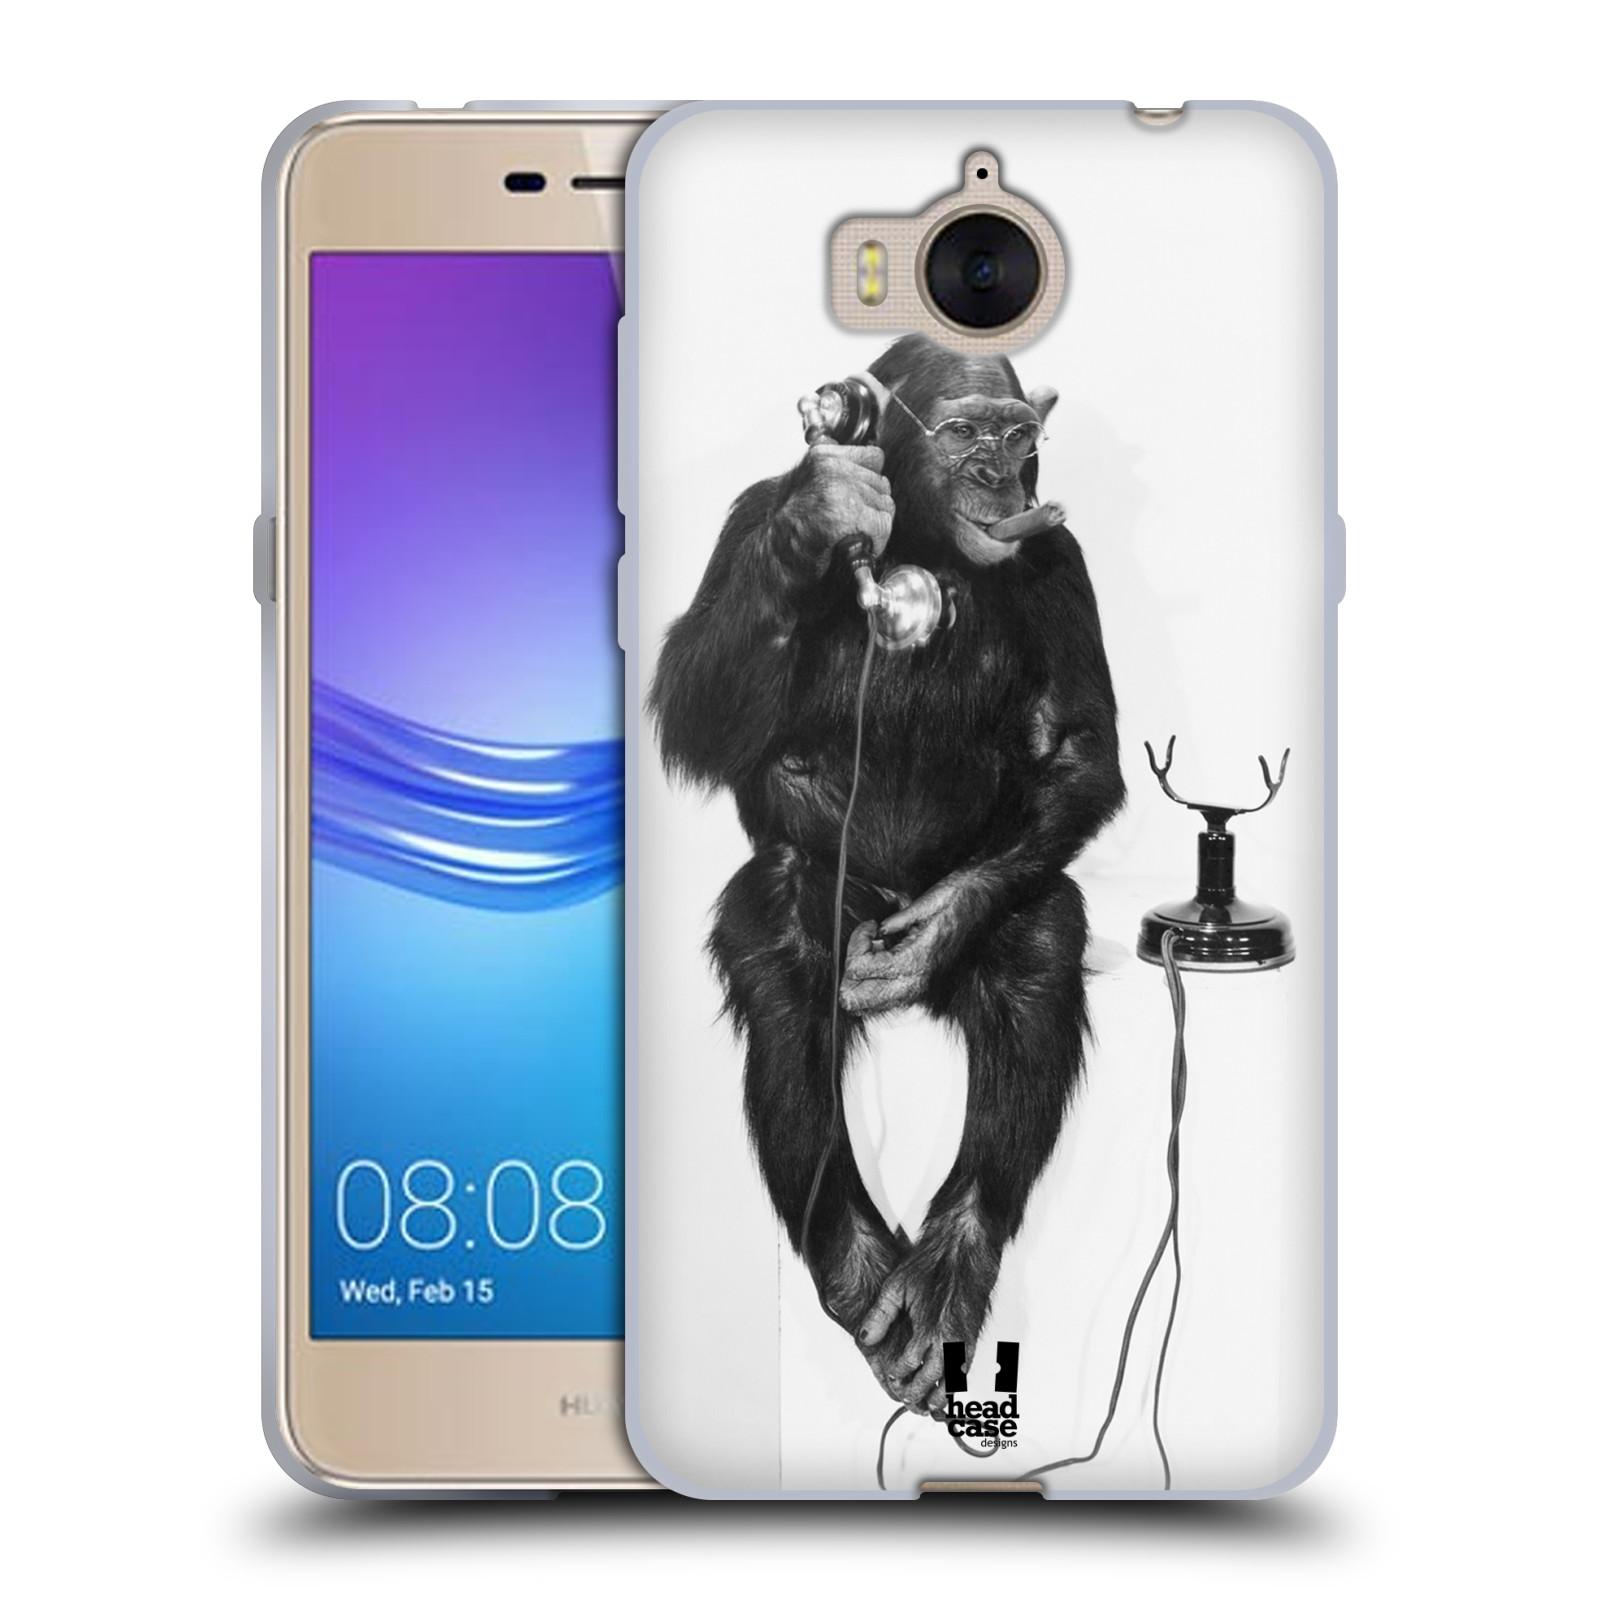 Silikonové pouzdro na mobil Huawei Y6 2017 - Head Case - OPIČÁK S TELEFONEM (Silikonový kryt či obal na mobilní telefon Huawei Y6 (2017) s motivem OPIČÁK S TELEFONEM)